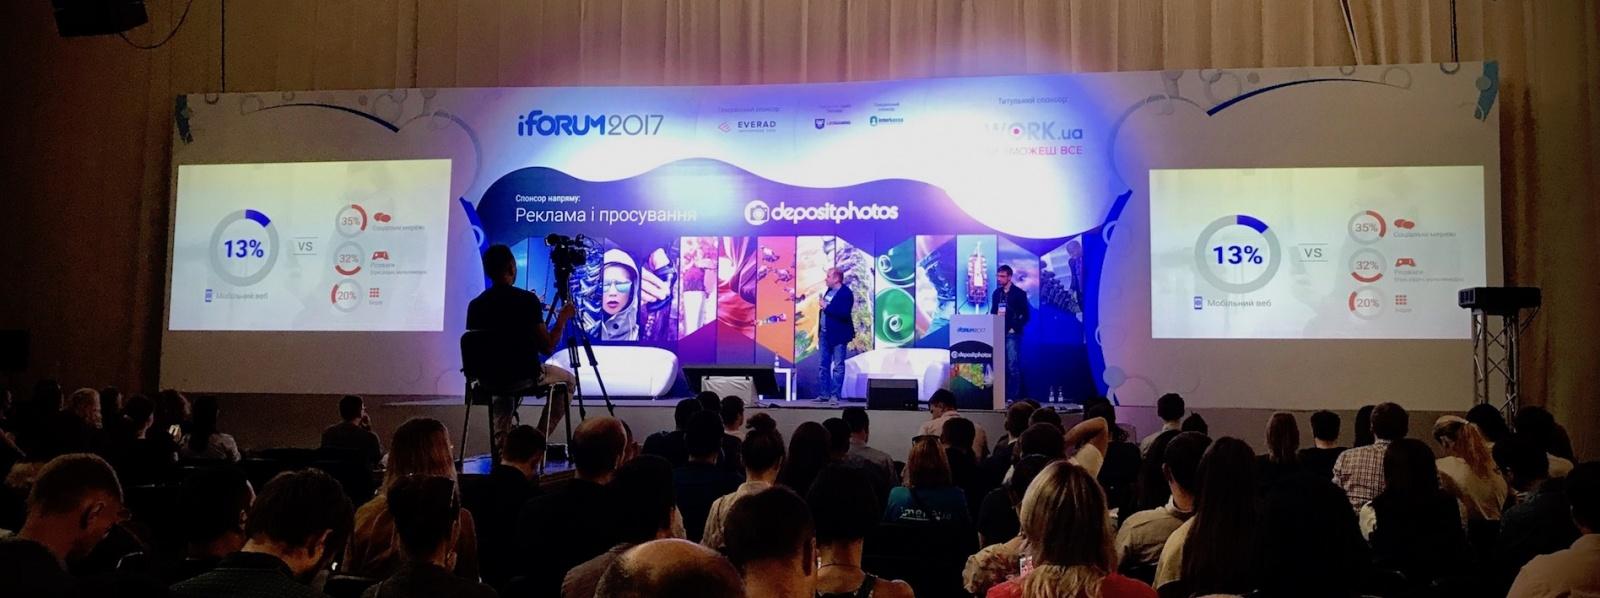 Большое ИТ-коммьюнити на конференции iForum 2017 (Киев) - 8